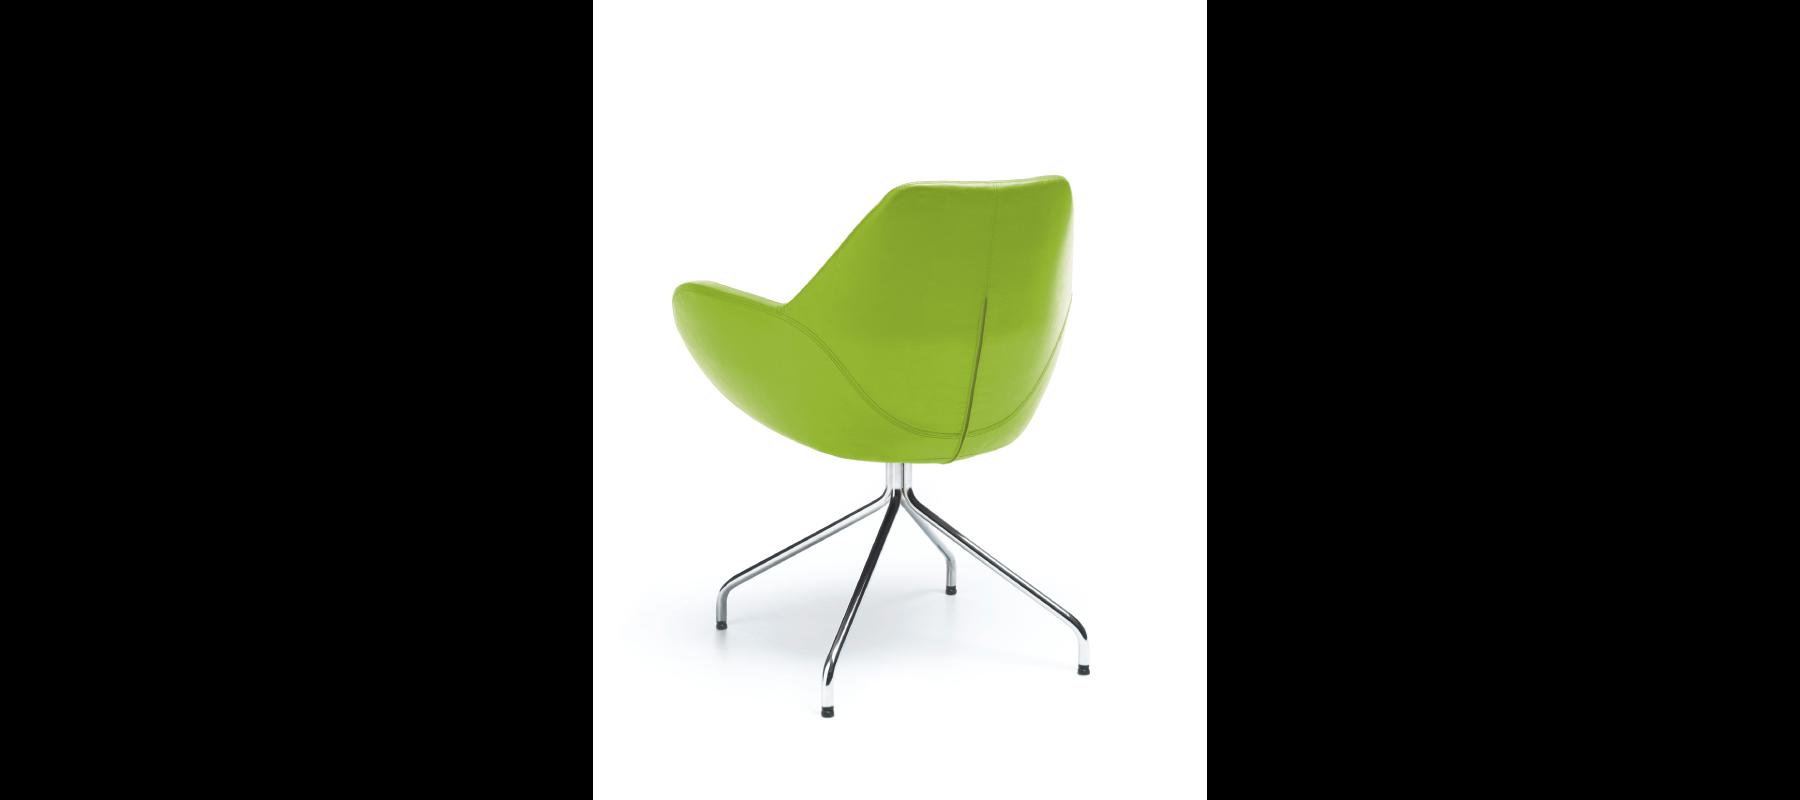 krzesla konferencyjne fan detale - 06